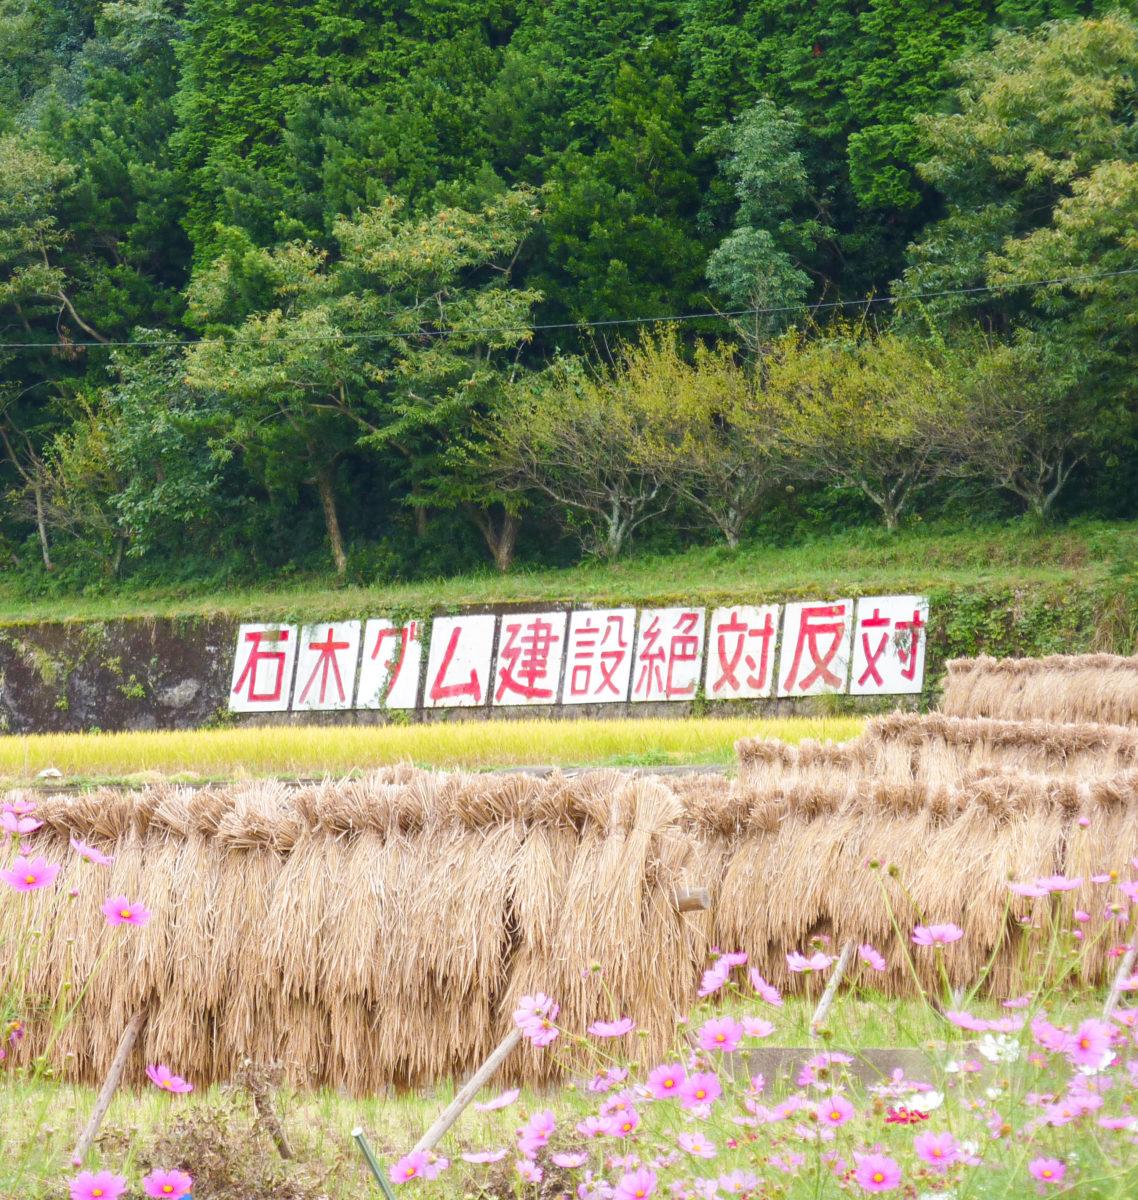 美しい里山の風景に溶け込む「ダム反対」の看板